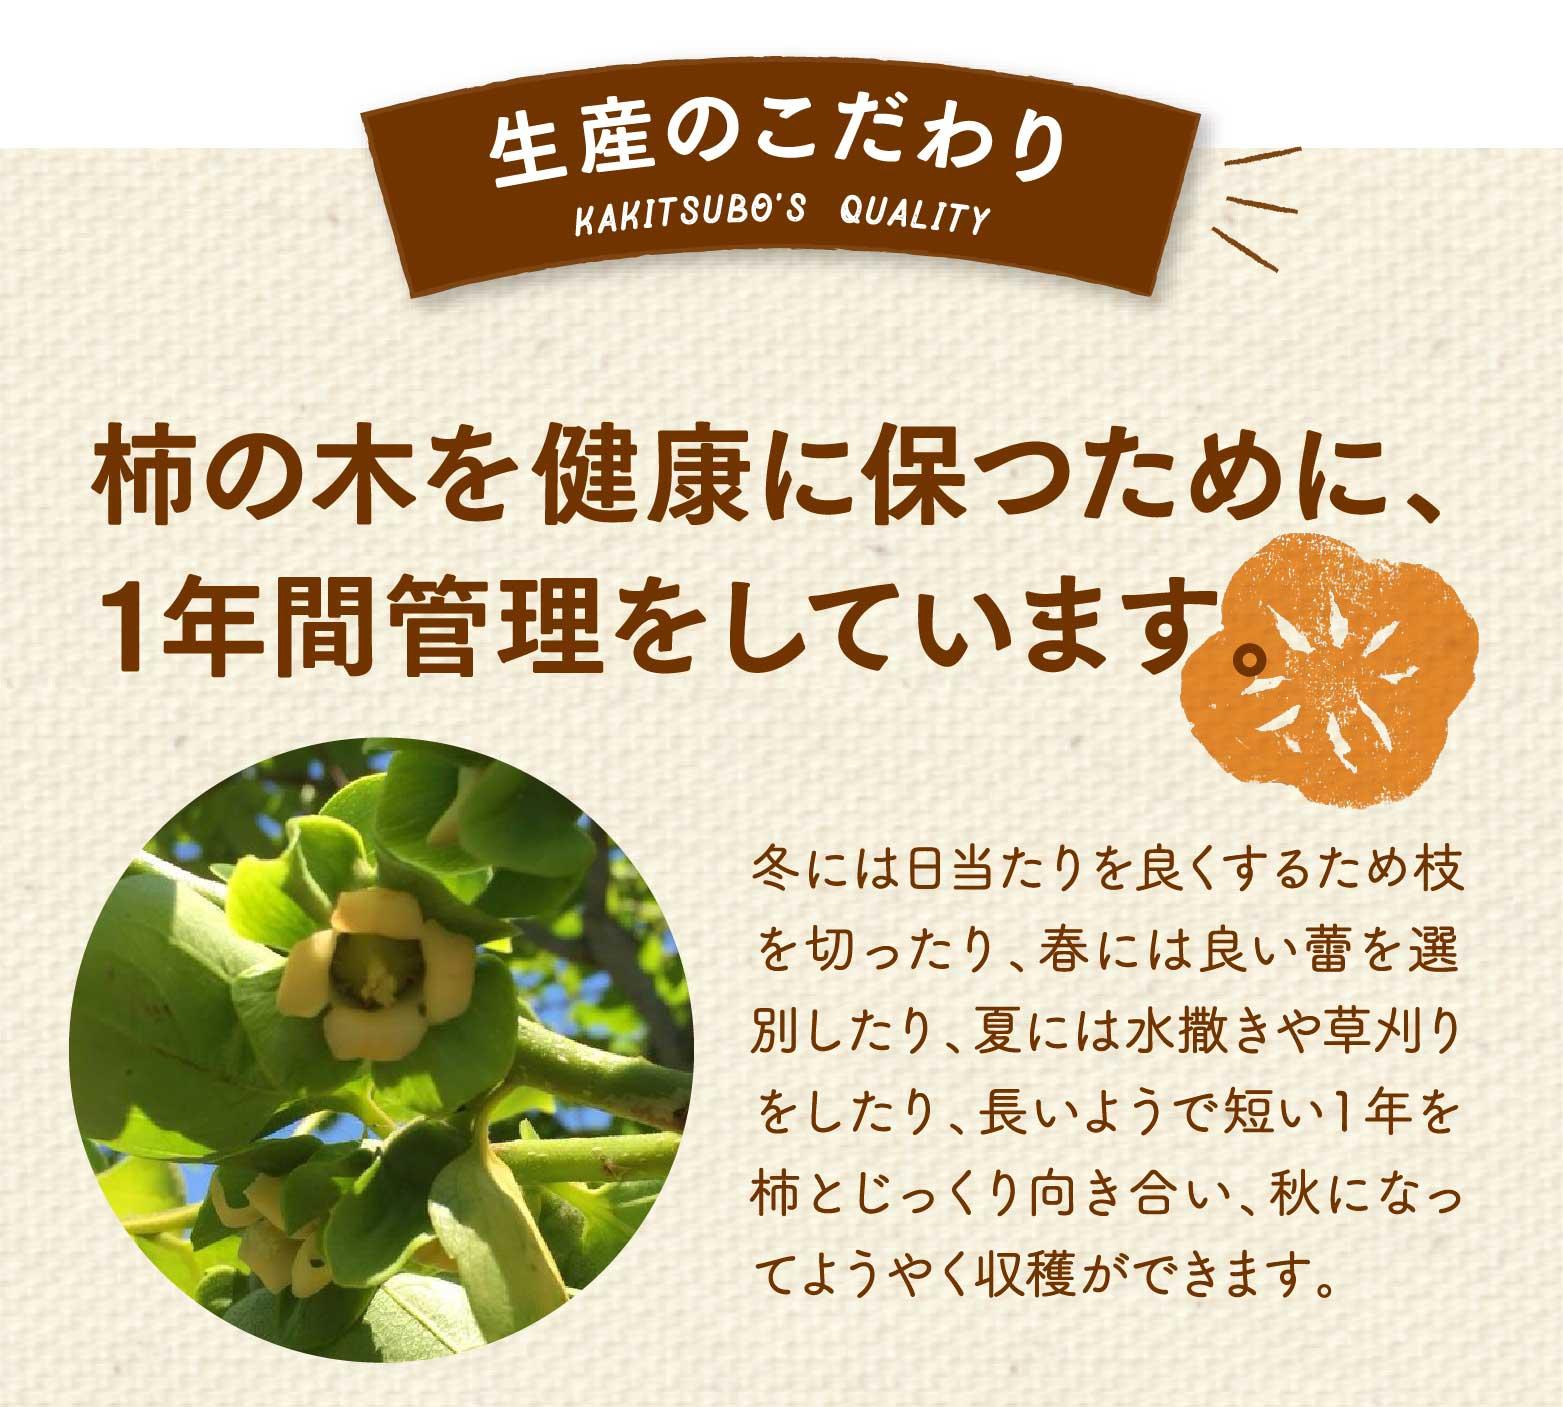 生産のこだわり。柿の木を健康保つために、1年間管理をしています。冬には日当たりを良くするため枝を切ったり、春には良い蕾を選別したり、夏には水撒きや草刈りをしたり、長いようで短い1年を柿とじっくり向き合い、秋になってようやく収穫ができます。